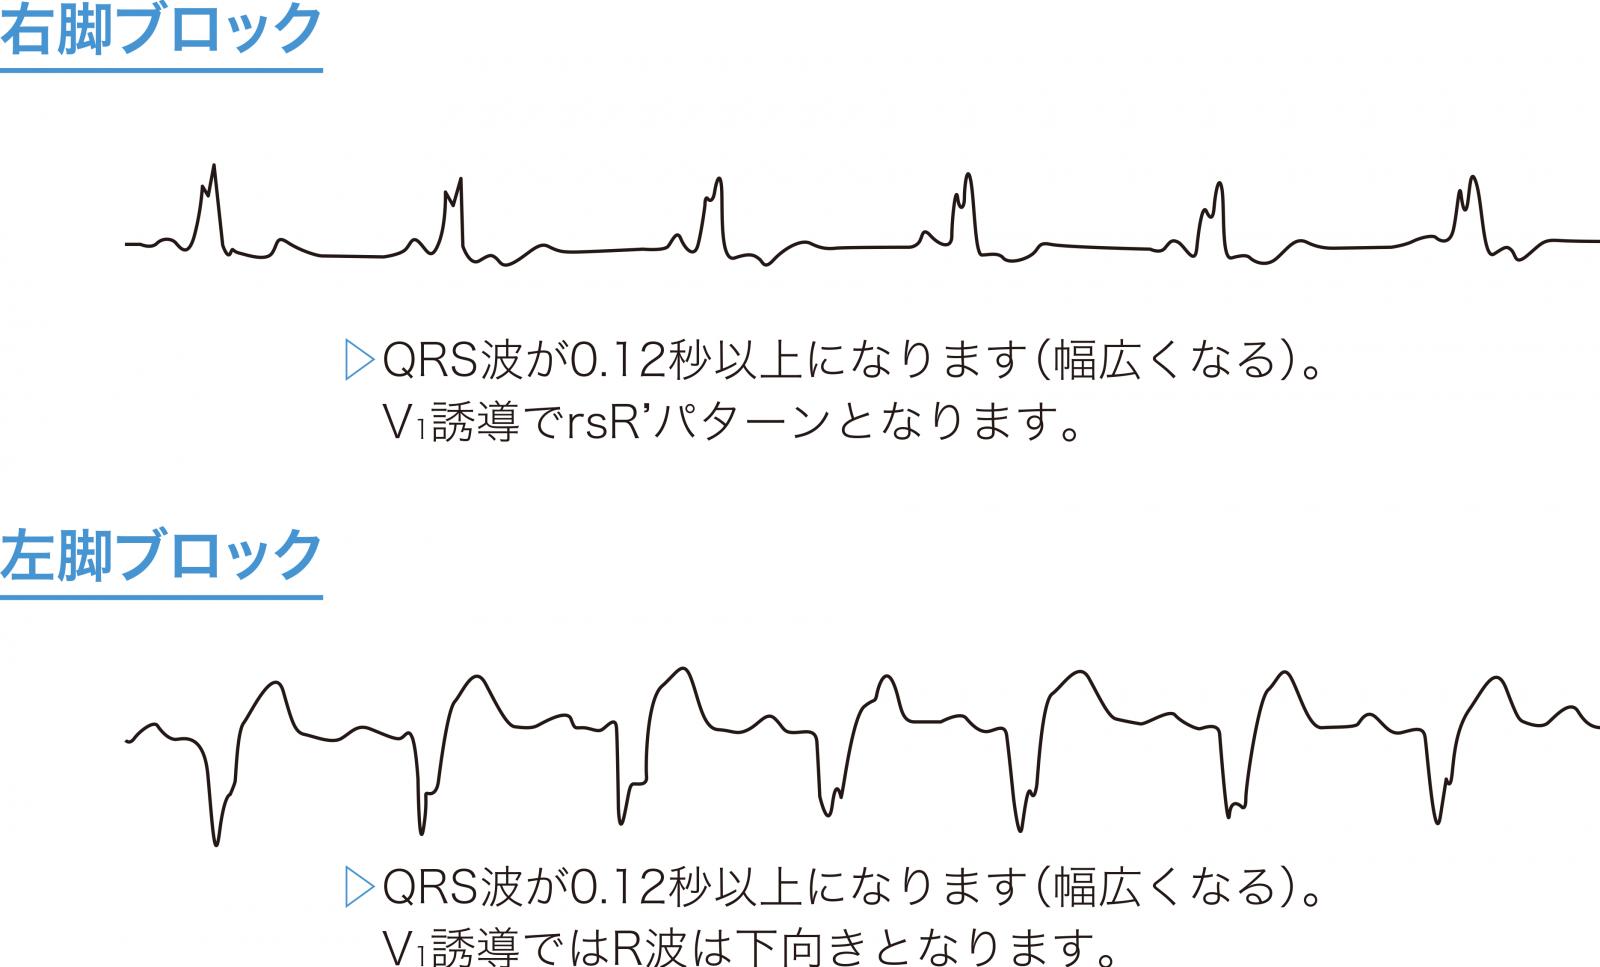 脚ブロックの心電図波形